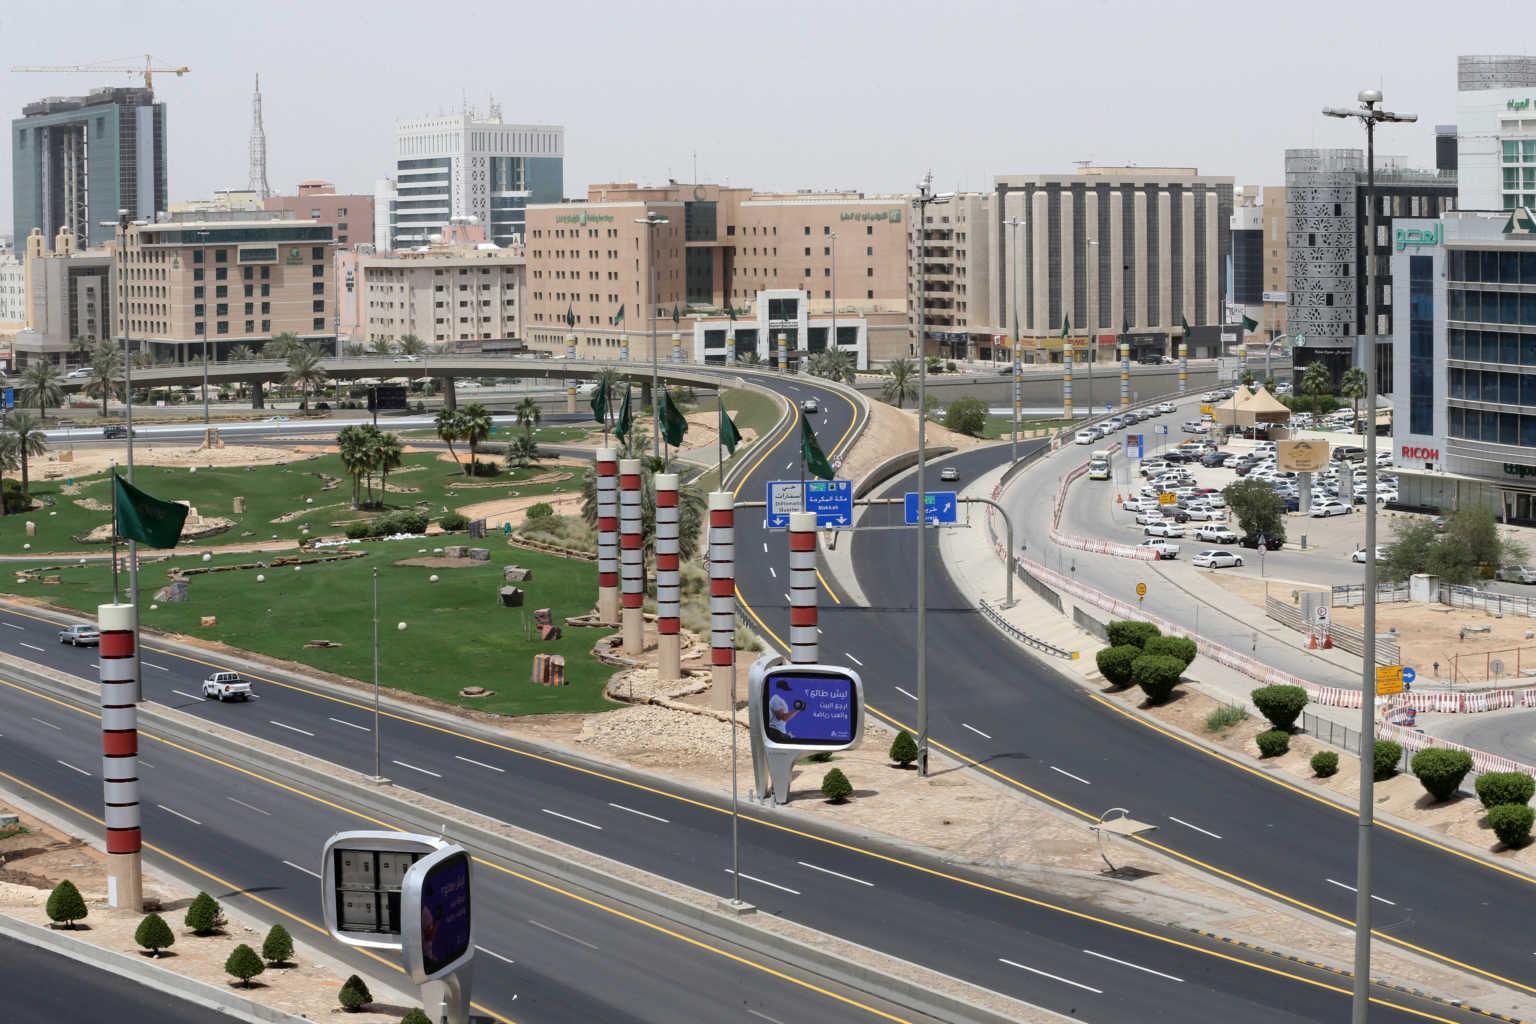 Σαουδική Αραβία: Περιμένουμε έως και 200.000 κρούσματα κορονοϊού τις επόμενες εβδομάδες